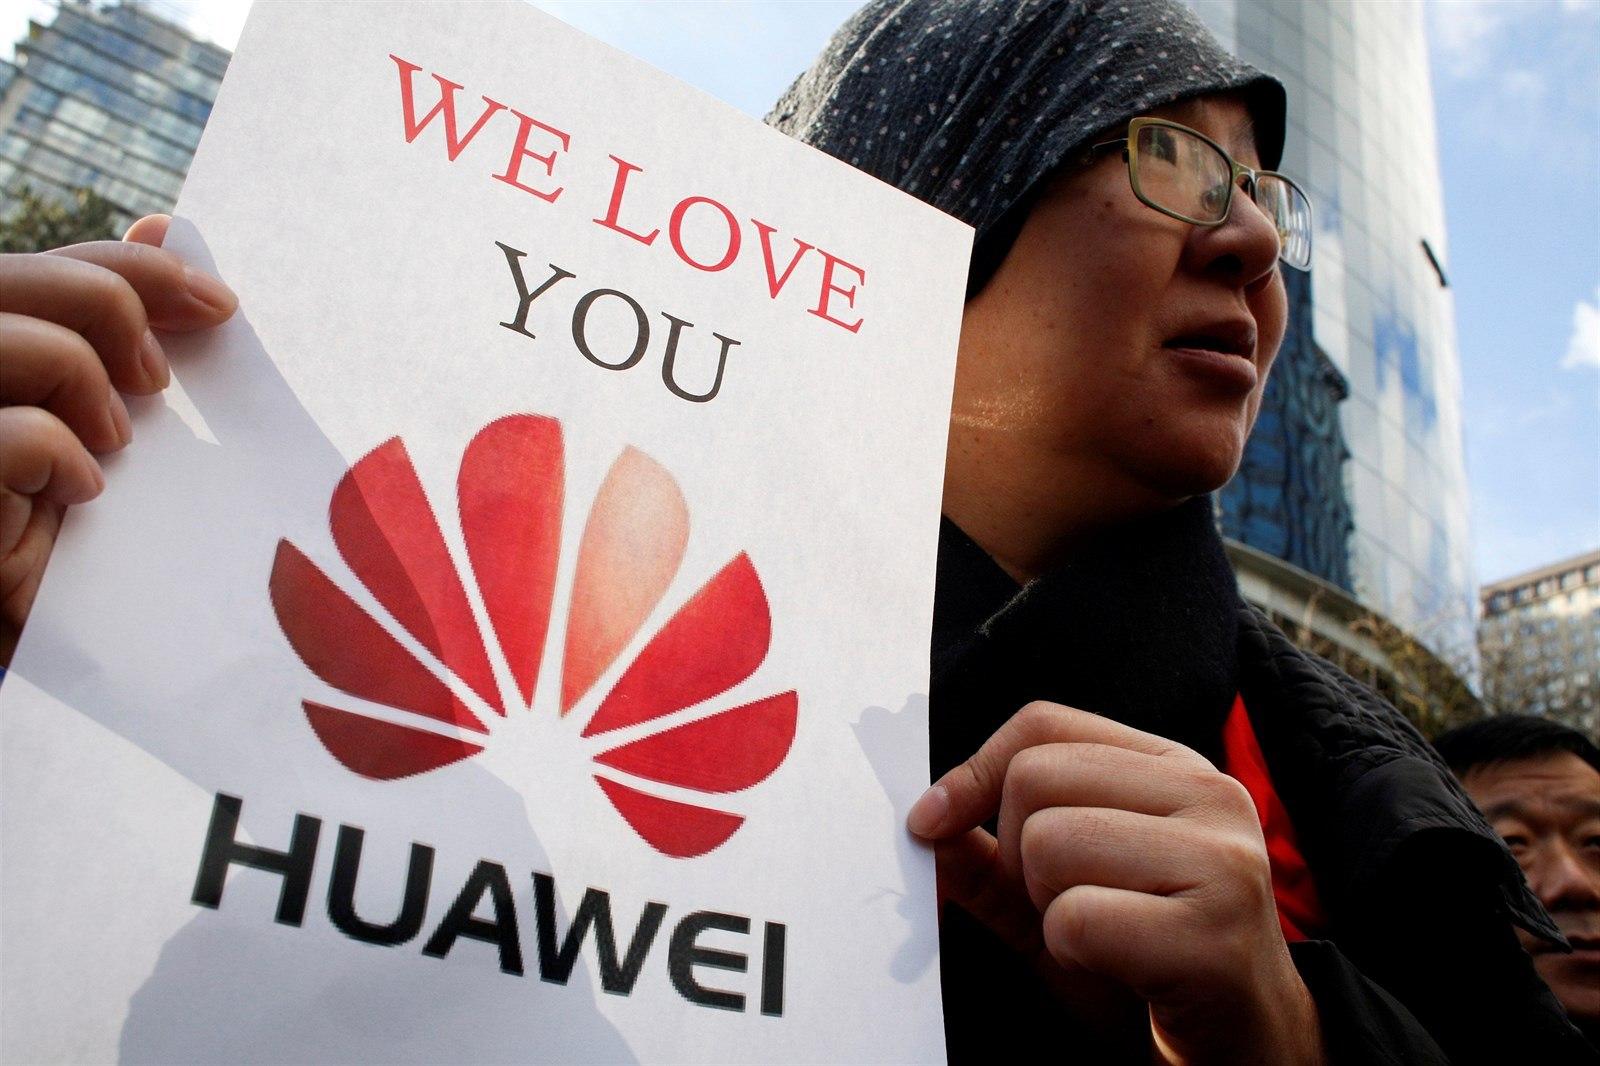 Neomezili jsme výrobu smartphonů, tvrdí Huawei